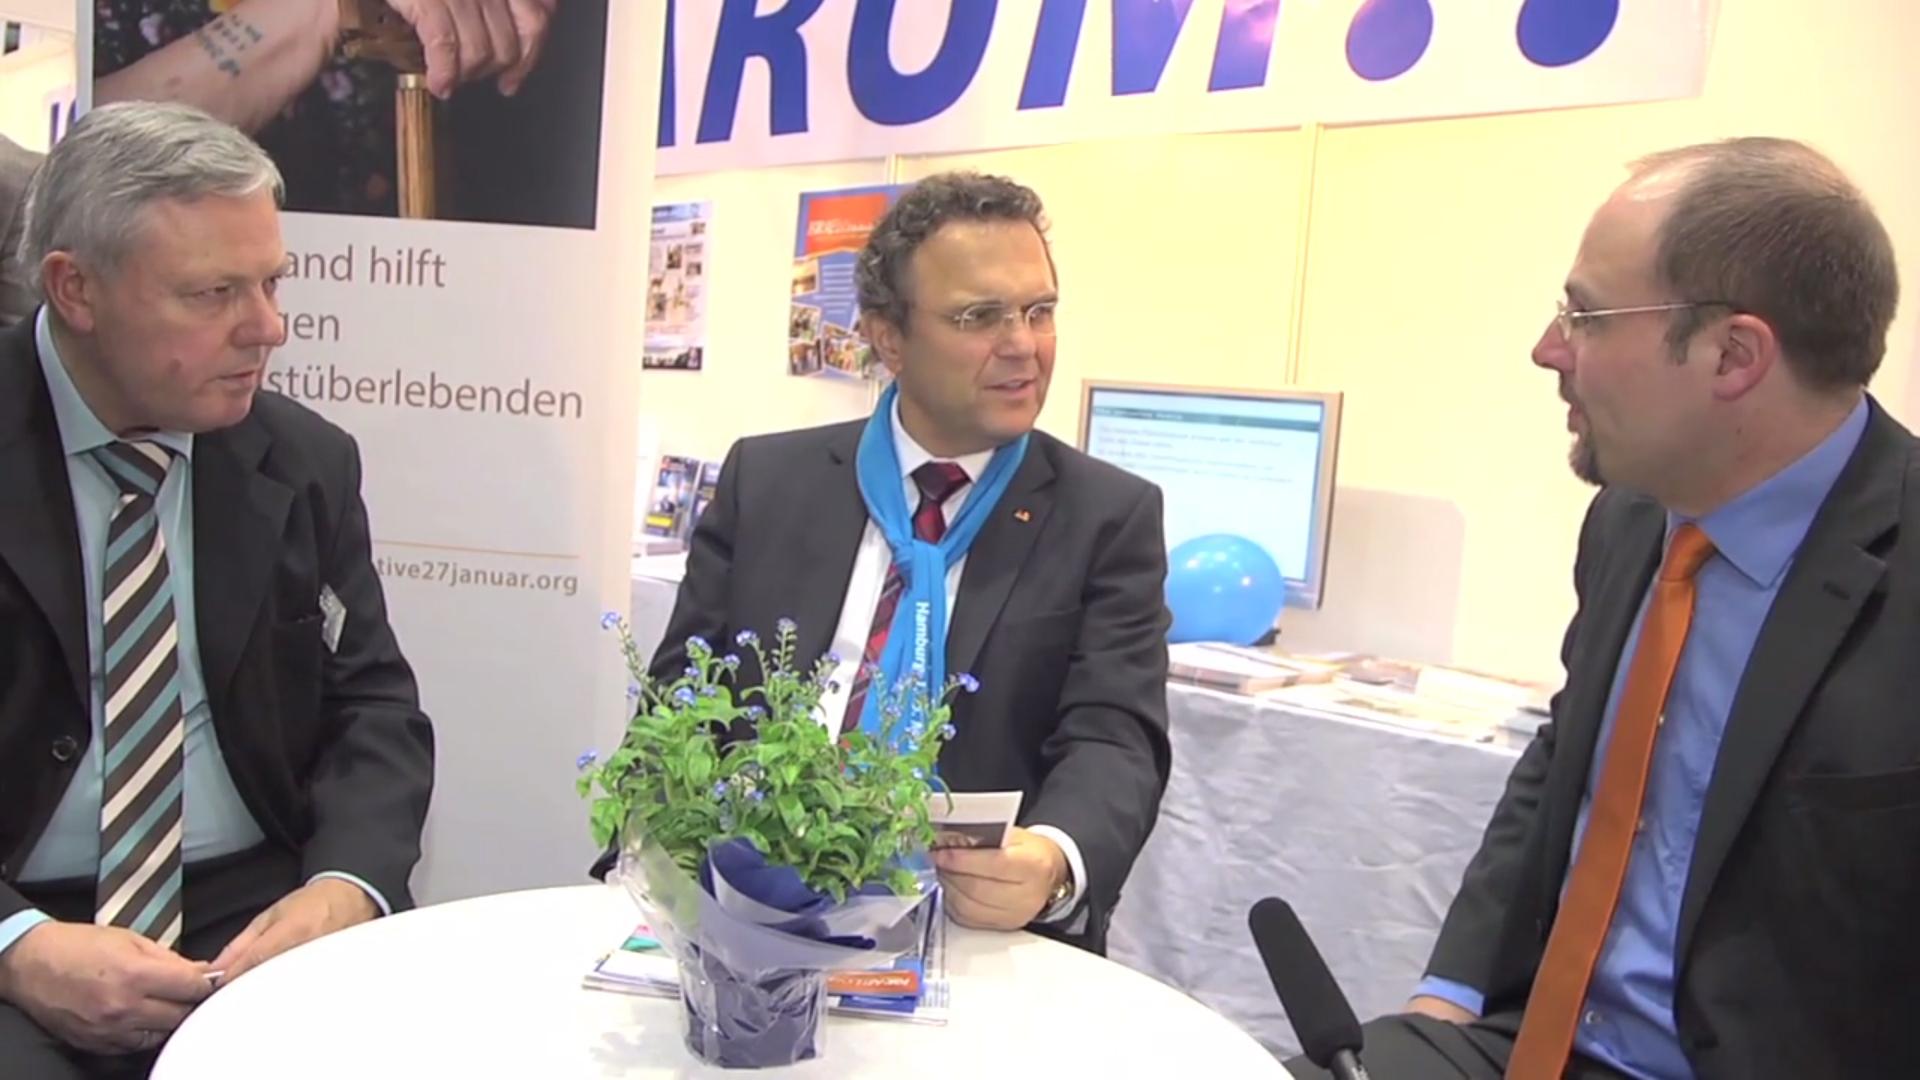 Bundesinnenminister Dr. Hans-Peter Friedrich im Gespräch mit Jörg Gehrke, Leiter der Hauptstadtarbeit der Initiative 27. Januar, am 03.05.2013 beim Deutschen Evangelischen Kirchentag in Hamburg